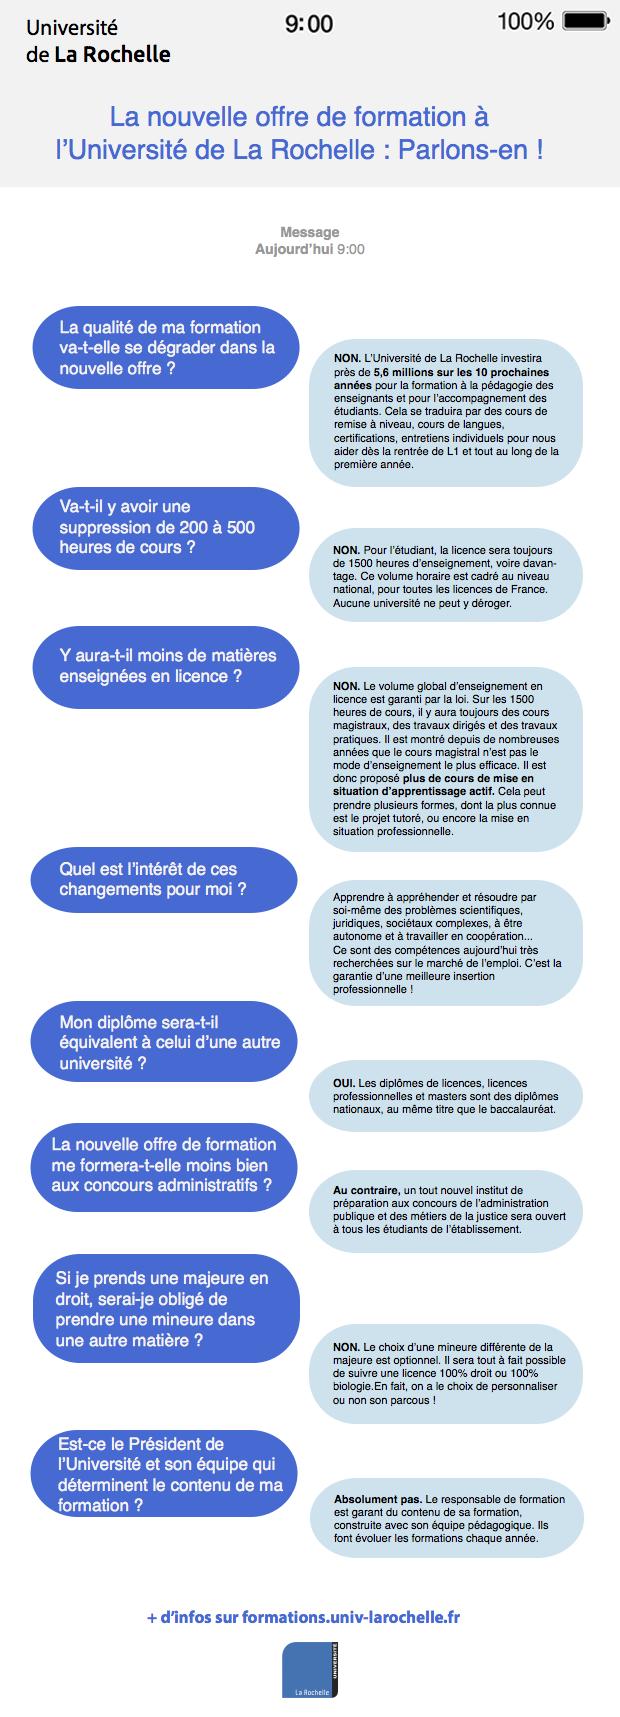 La Nouvelle Offre de Formation de l'Université de La Rochelle en infographie 1